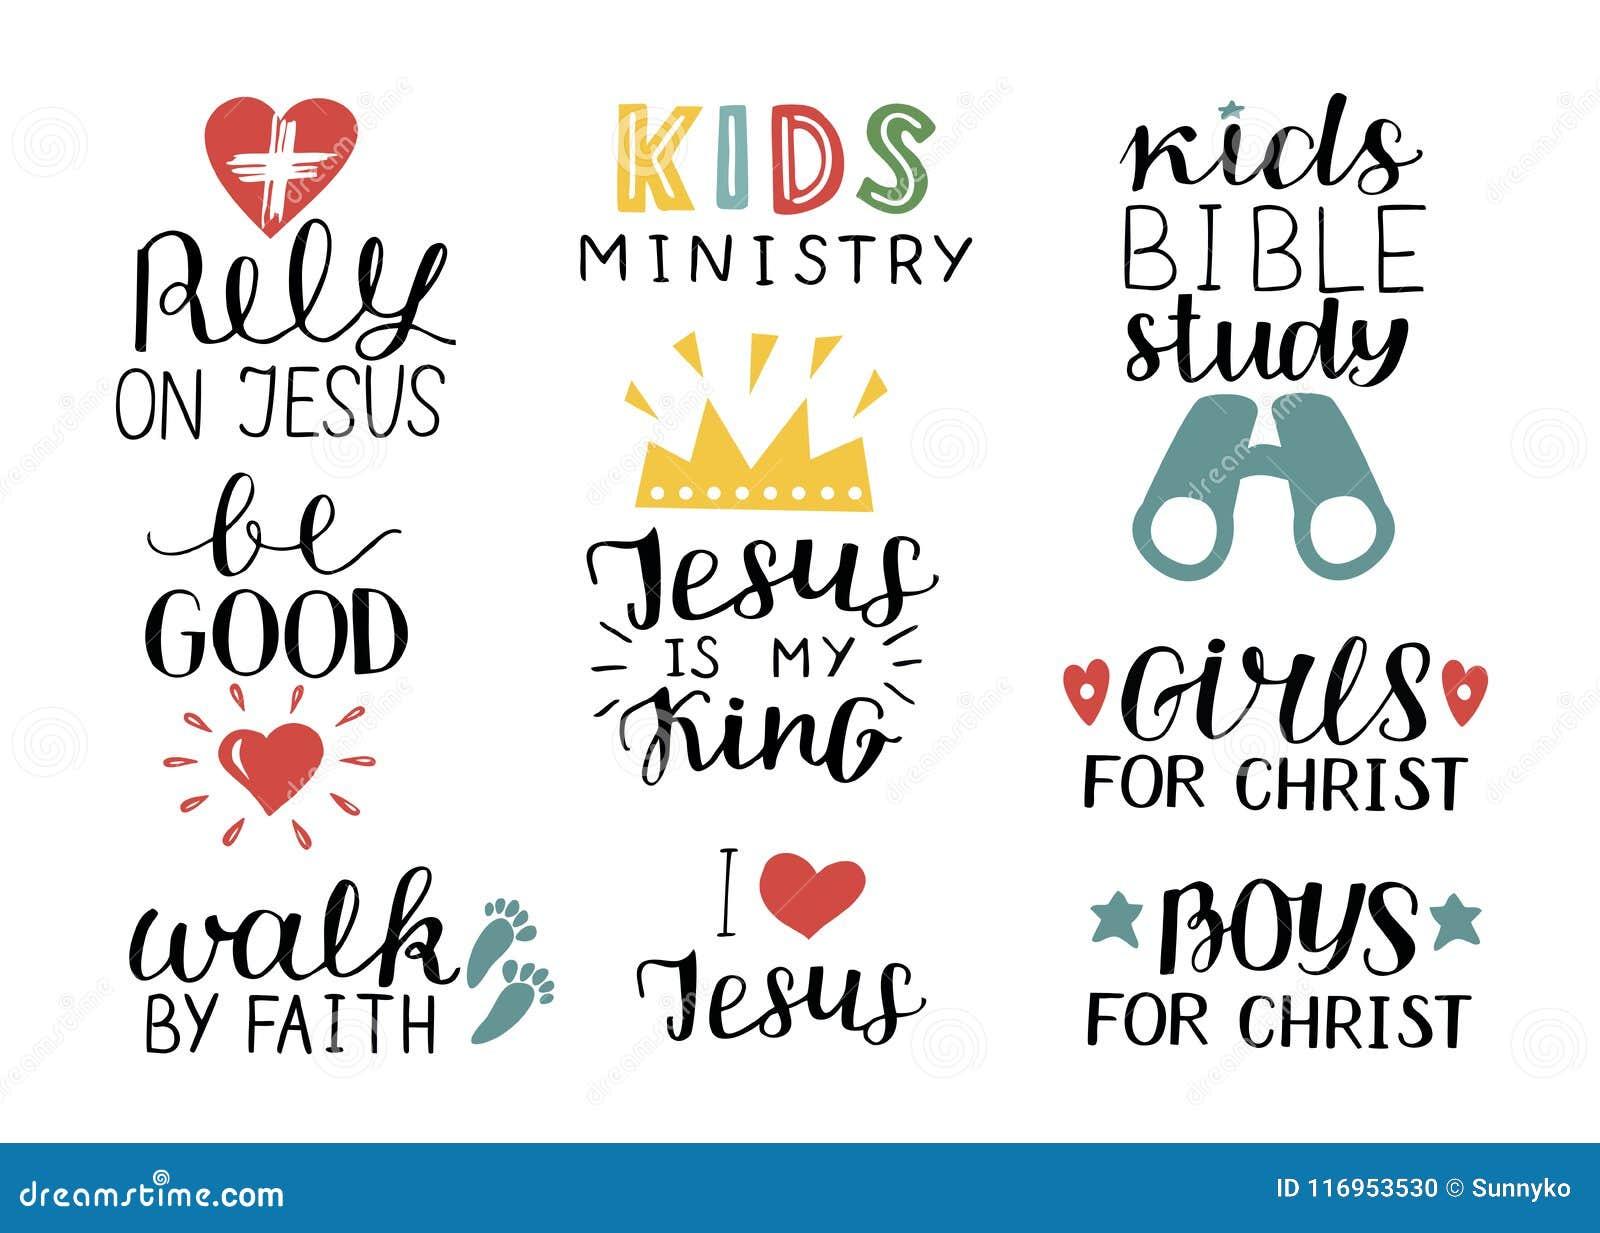 O grupo de 9 citações cristãs Jesus da rotulação da mão é meu rei, confia, estudo da Bíblia das crianças, seja bom, meninas, meni